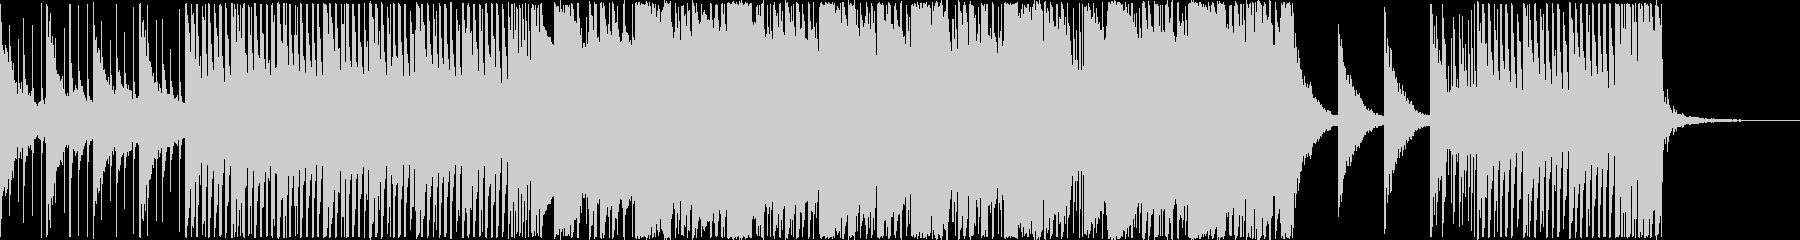 若干スピードの速いダブステップ的な楽曲の未再生の波形